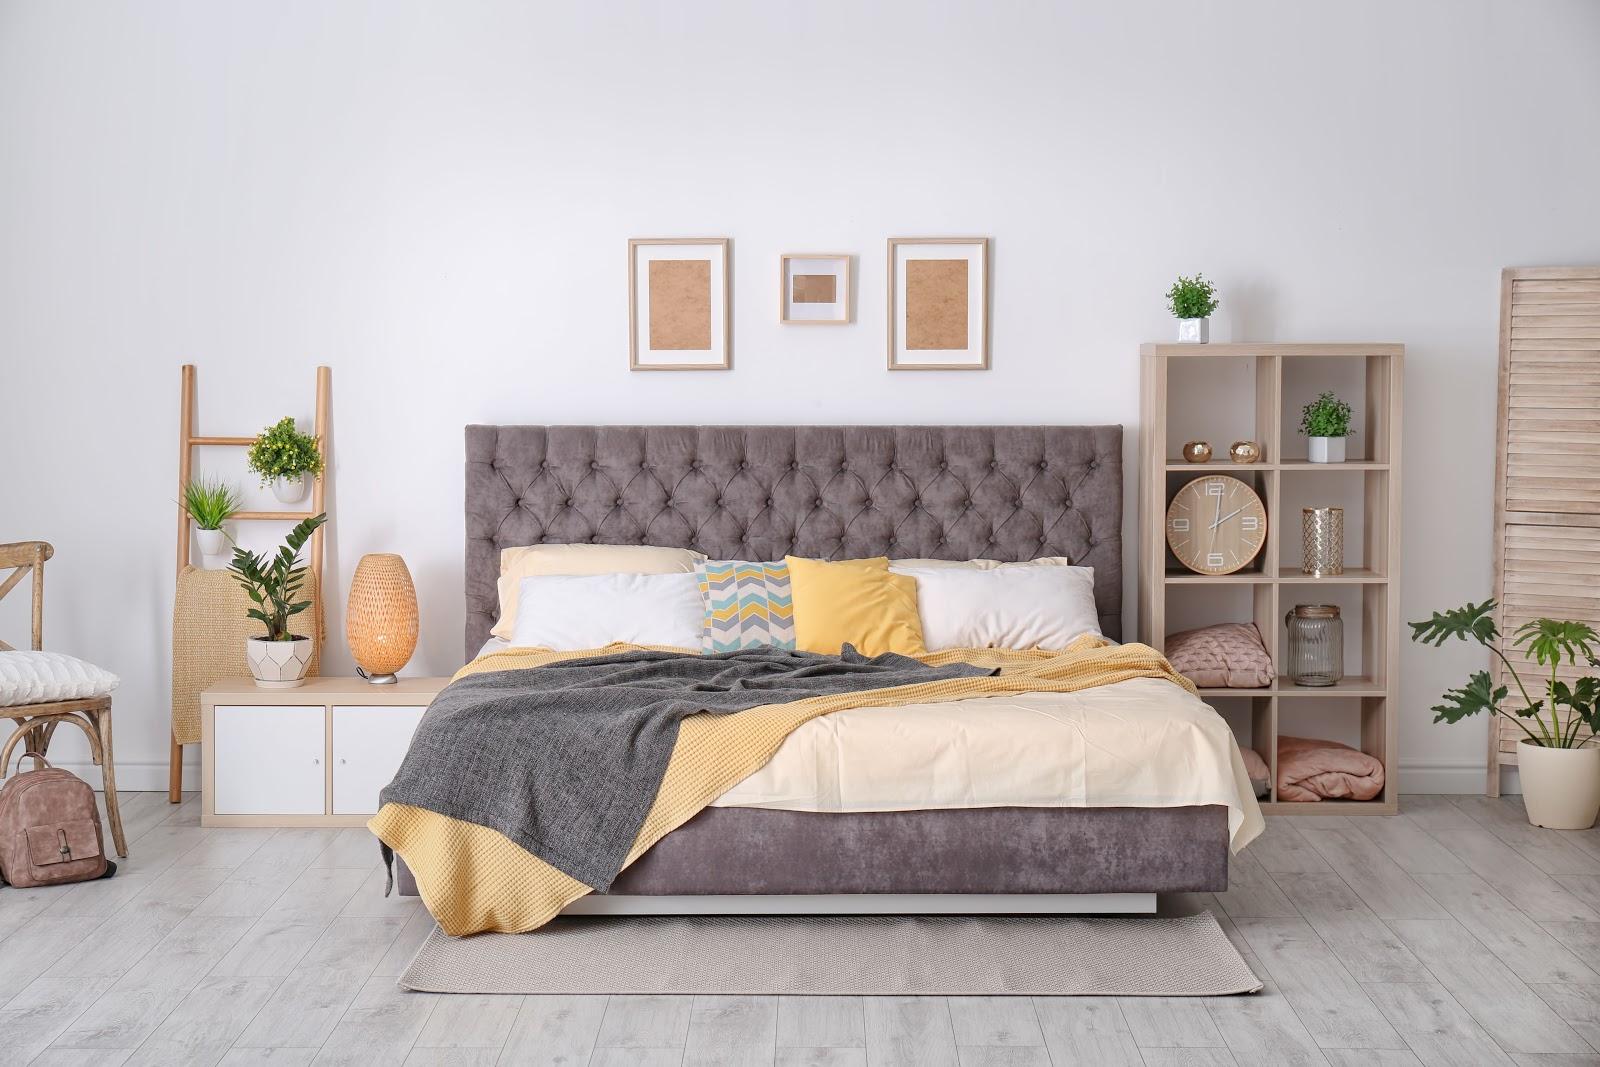 Mobilier dormitor galben - violet